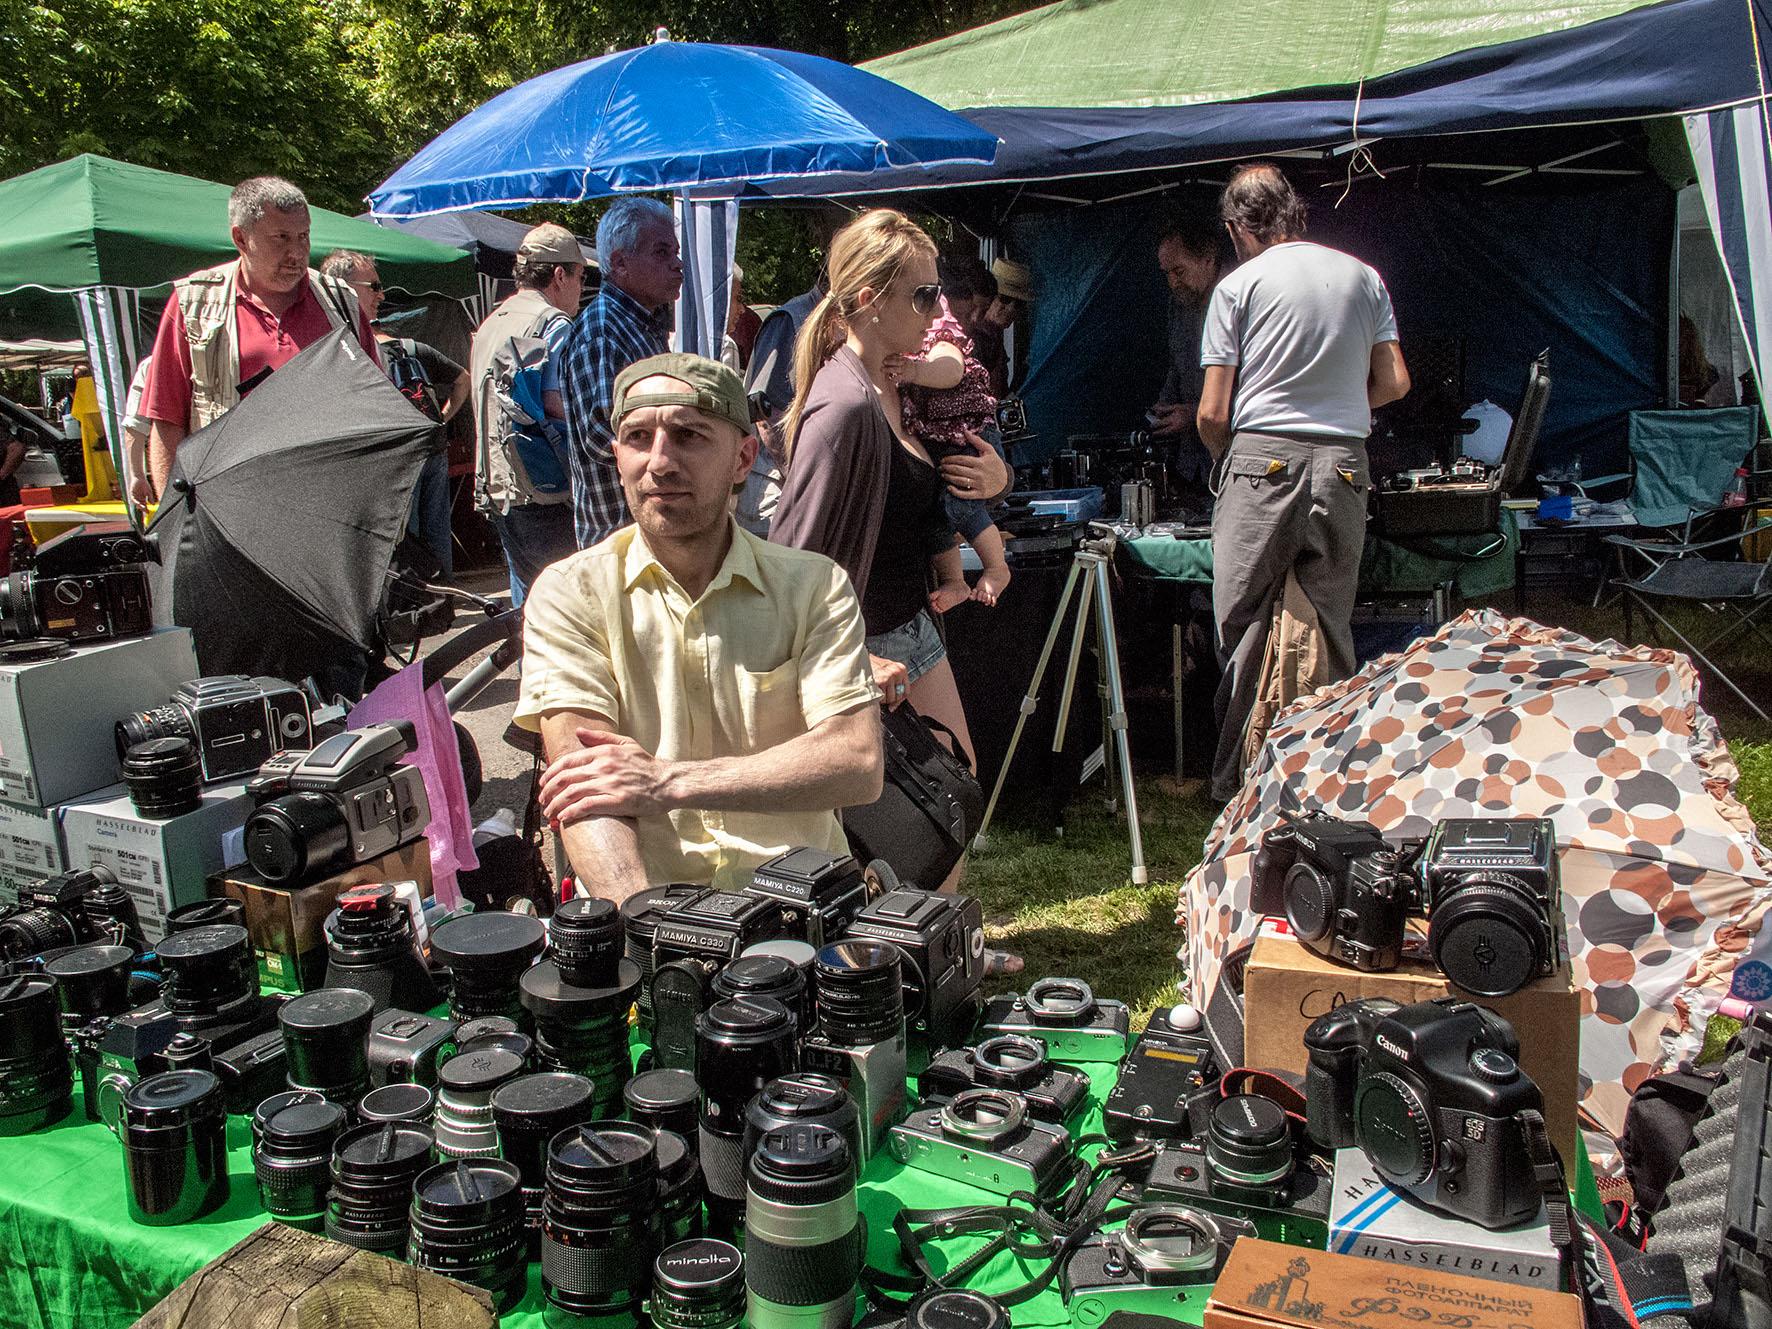 50th International Photo Fair at Bièvres © Bièvres Photo Fair